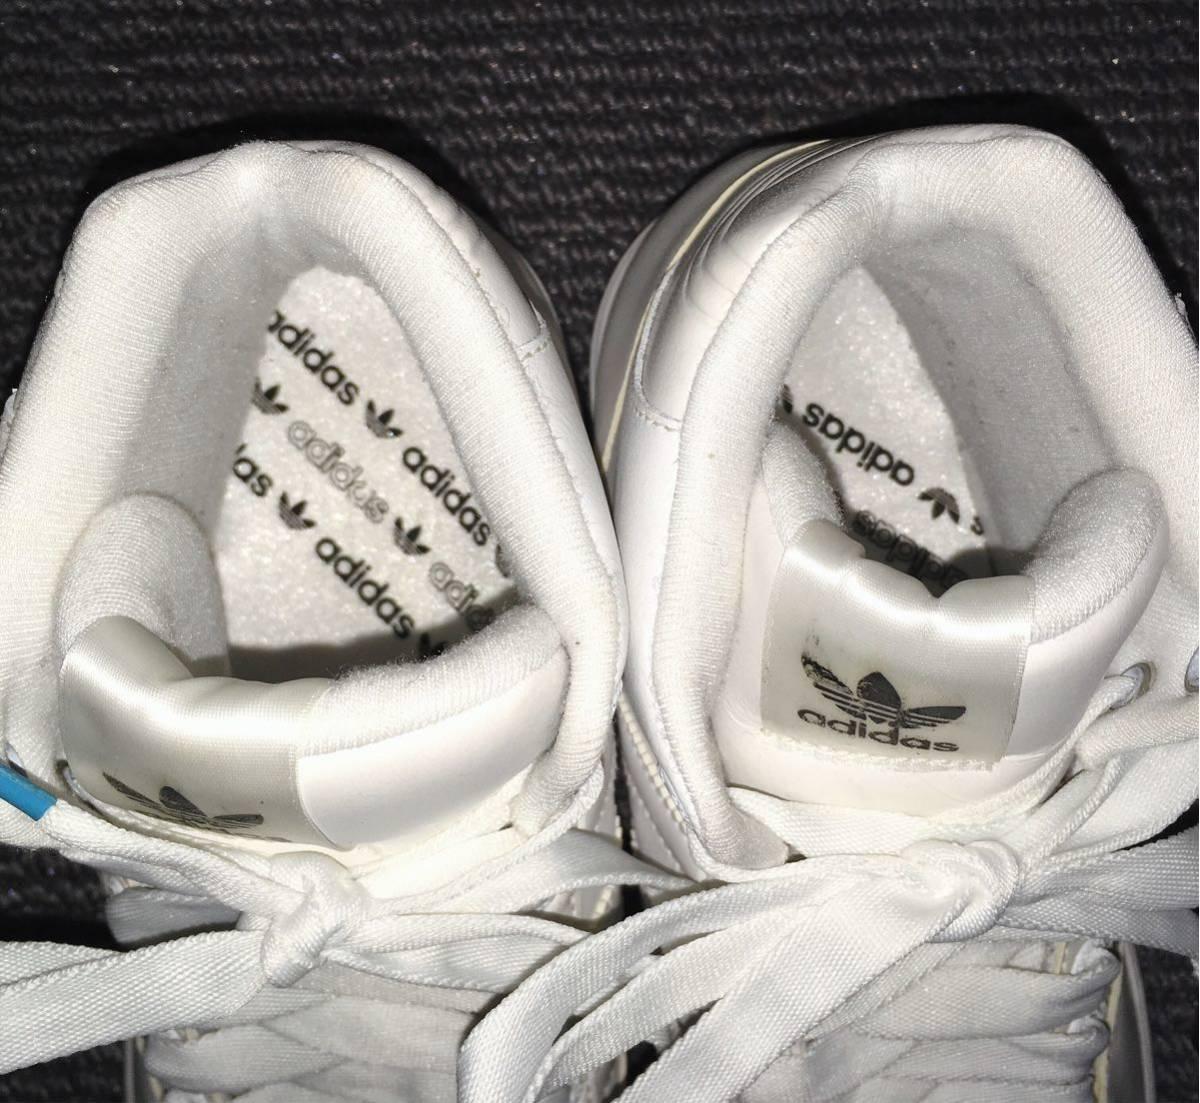 【極美品】adidas ハイカットスニーカー 白 23.5 アディダス_画像7